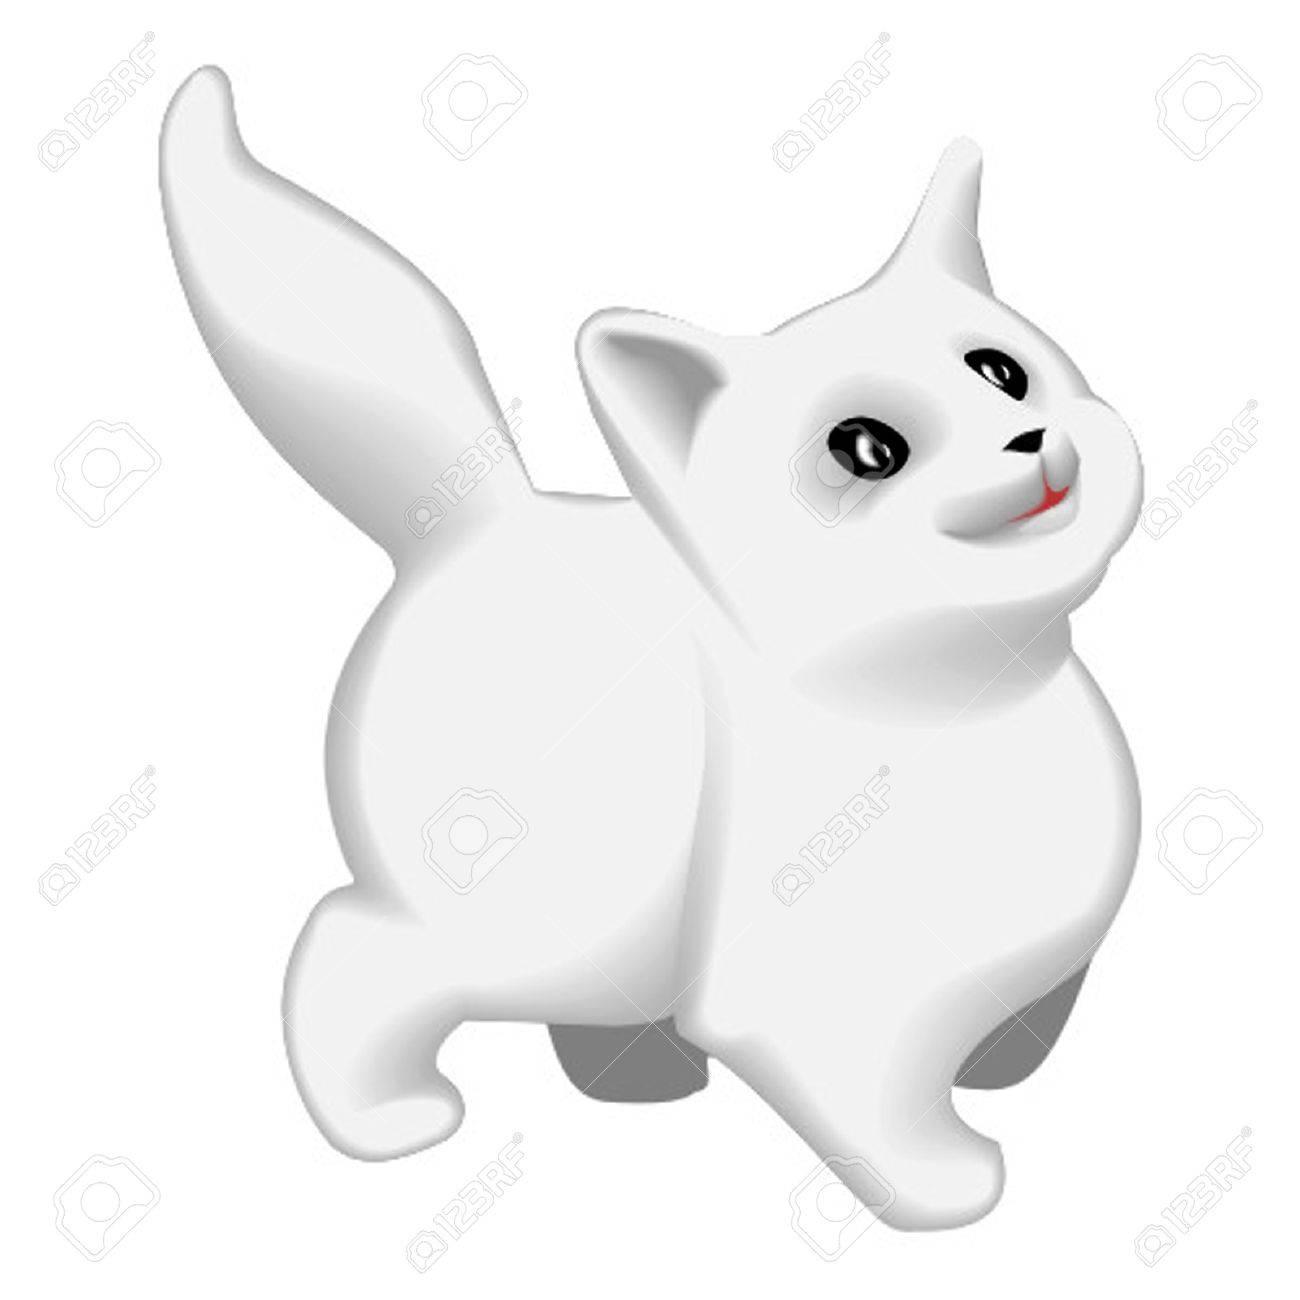 cat Stock Vector - 13058259